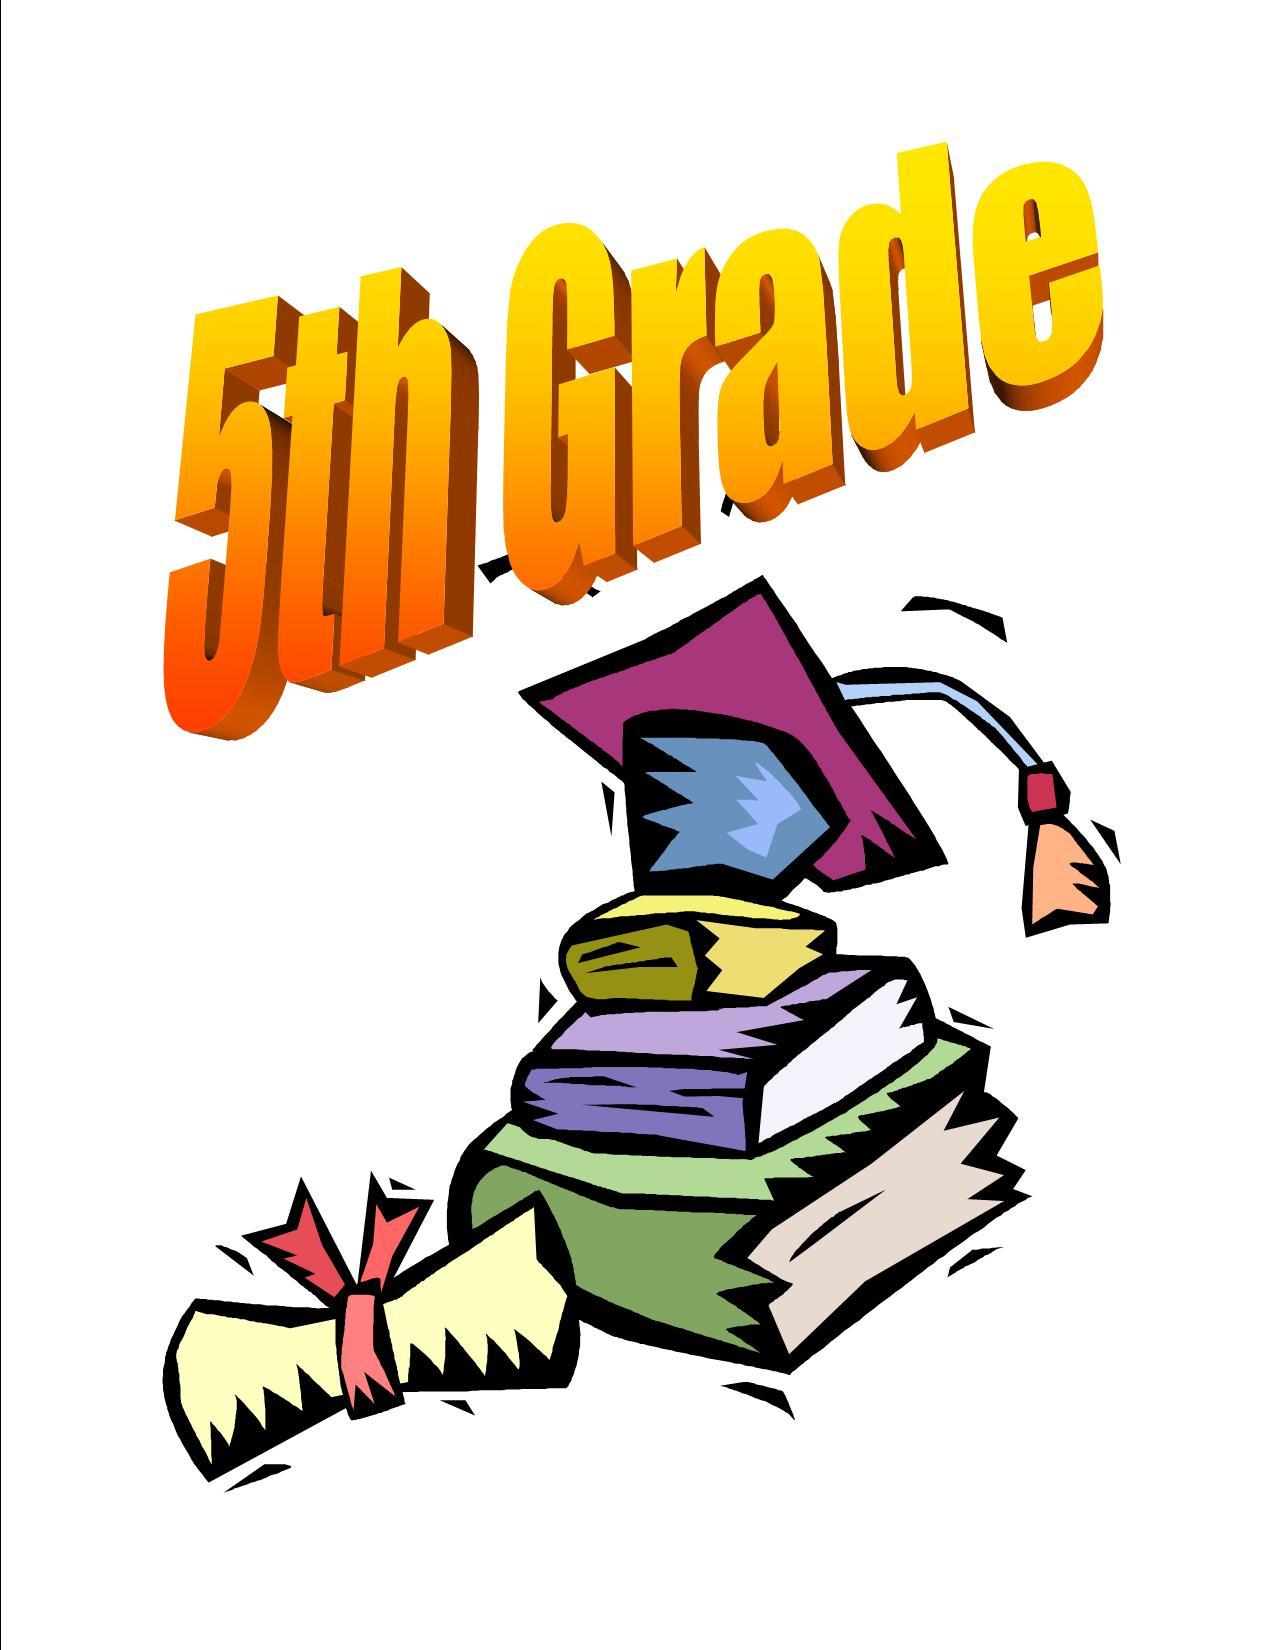 5th Grade Clip Art free image.